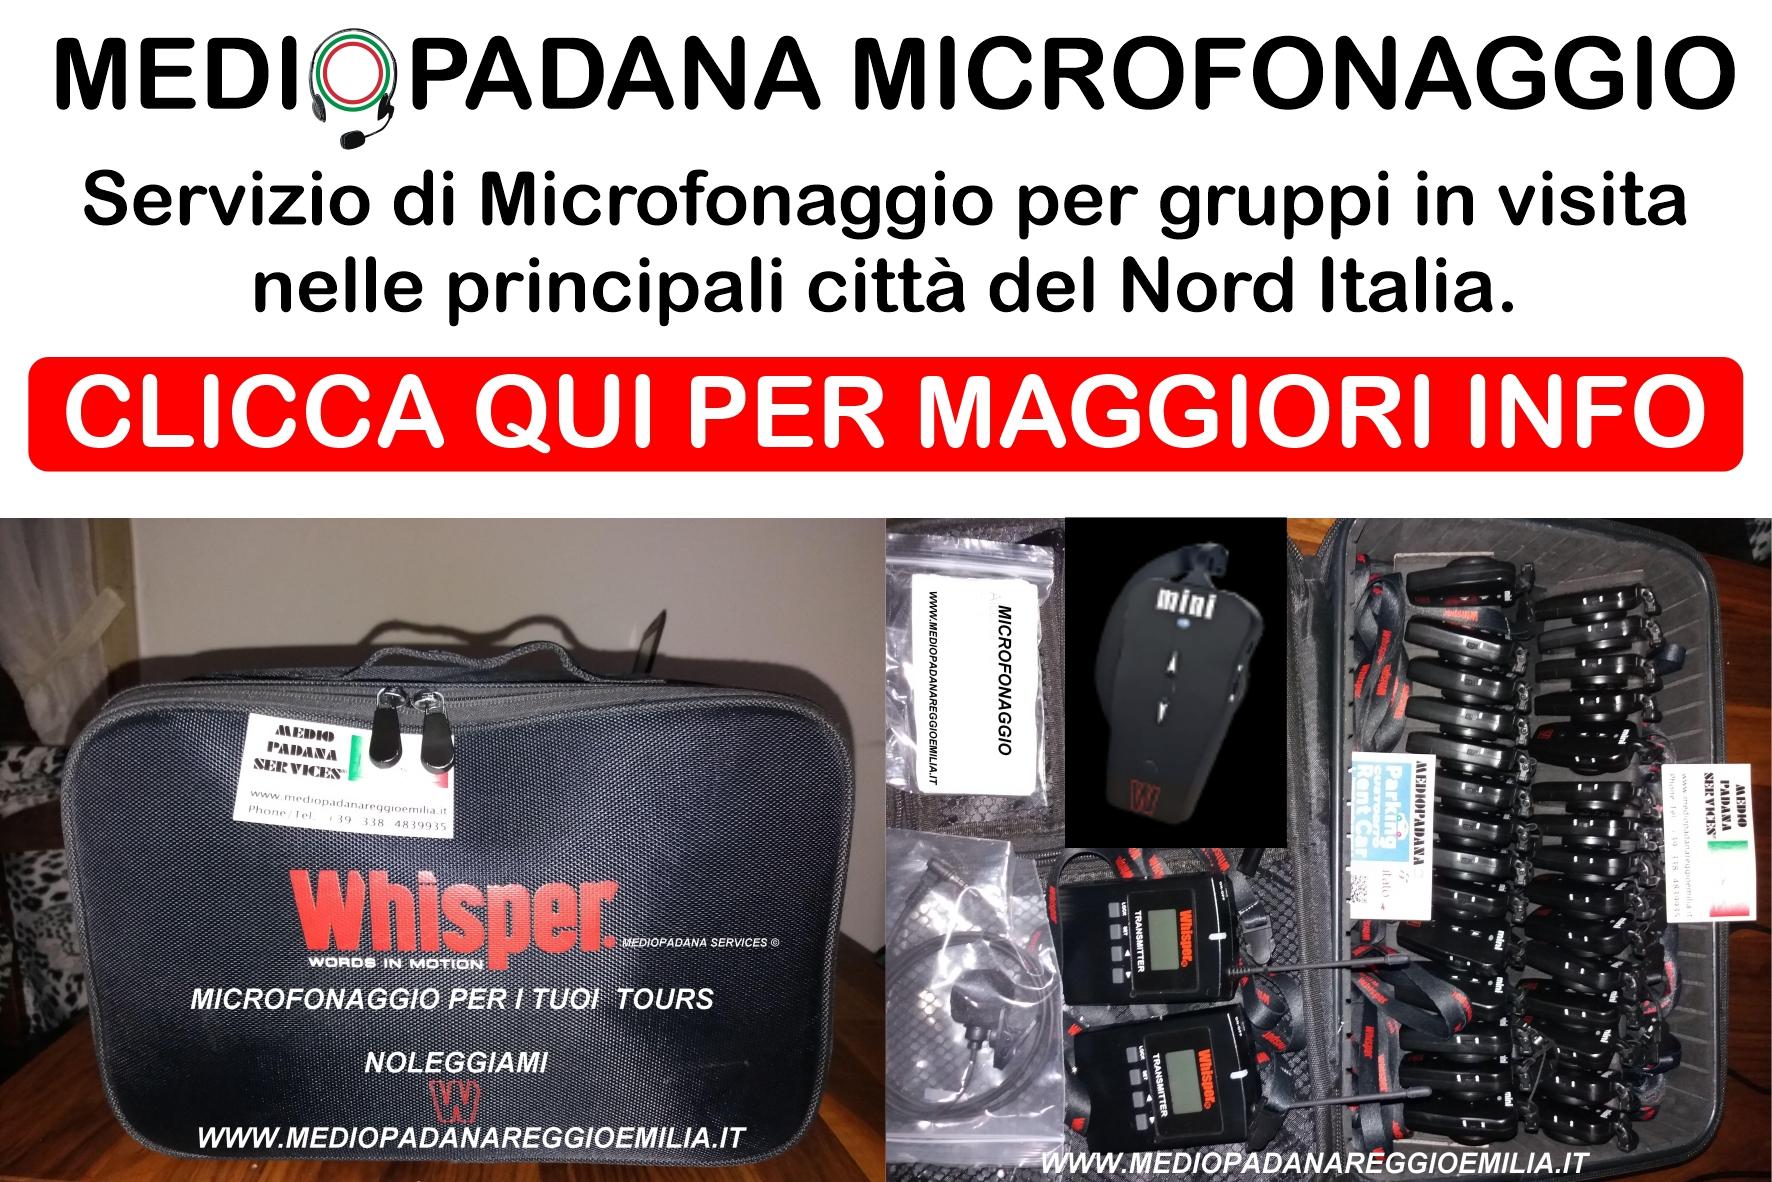 microfonaggio